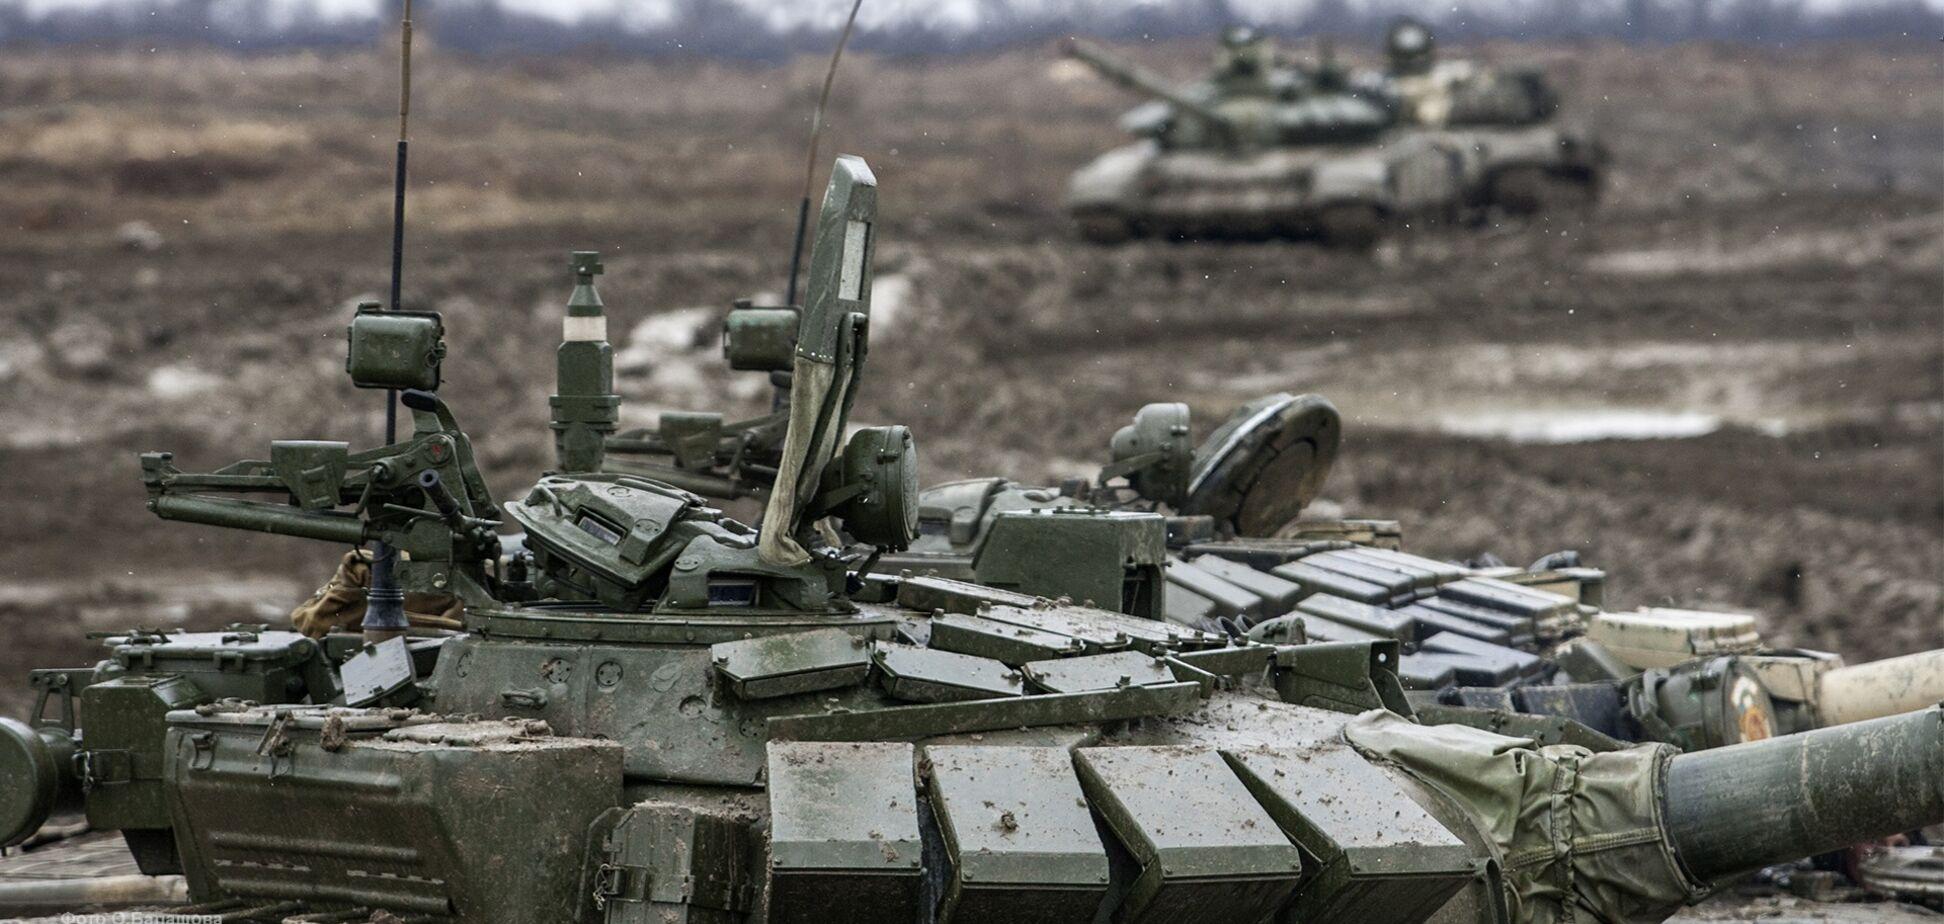 Закрыть дырку: стало известно, зачем Россия выдвигает к Украине танковую армию